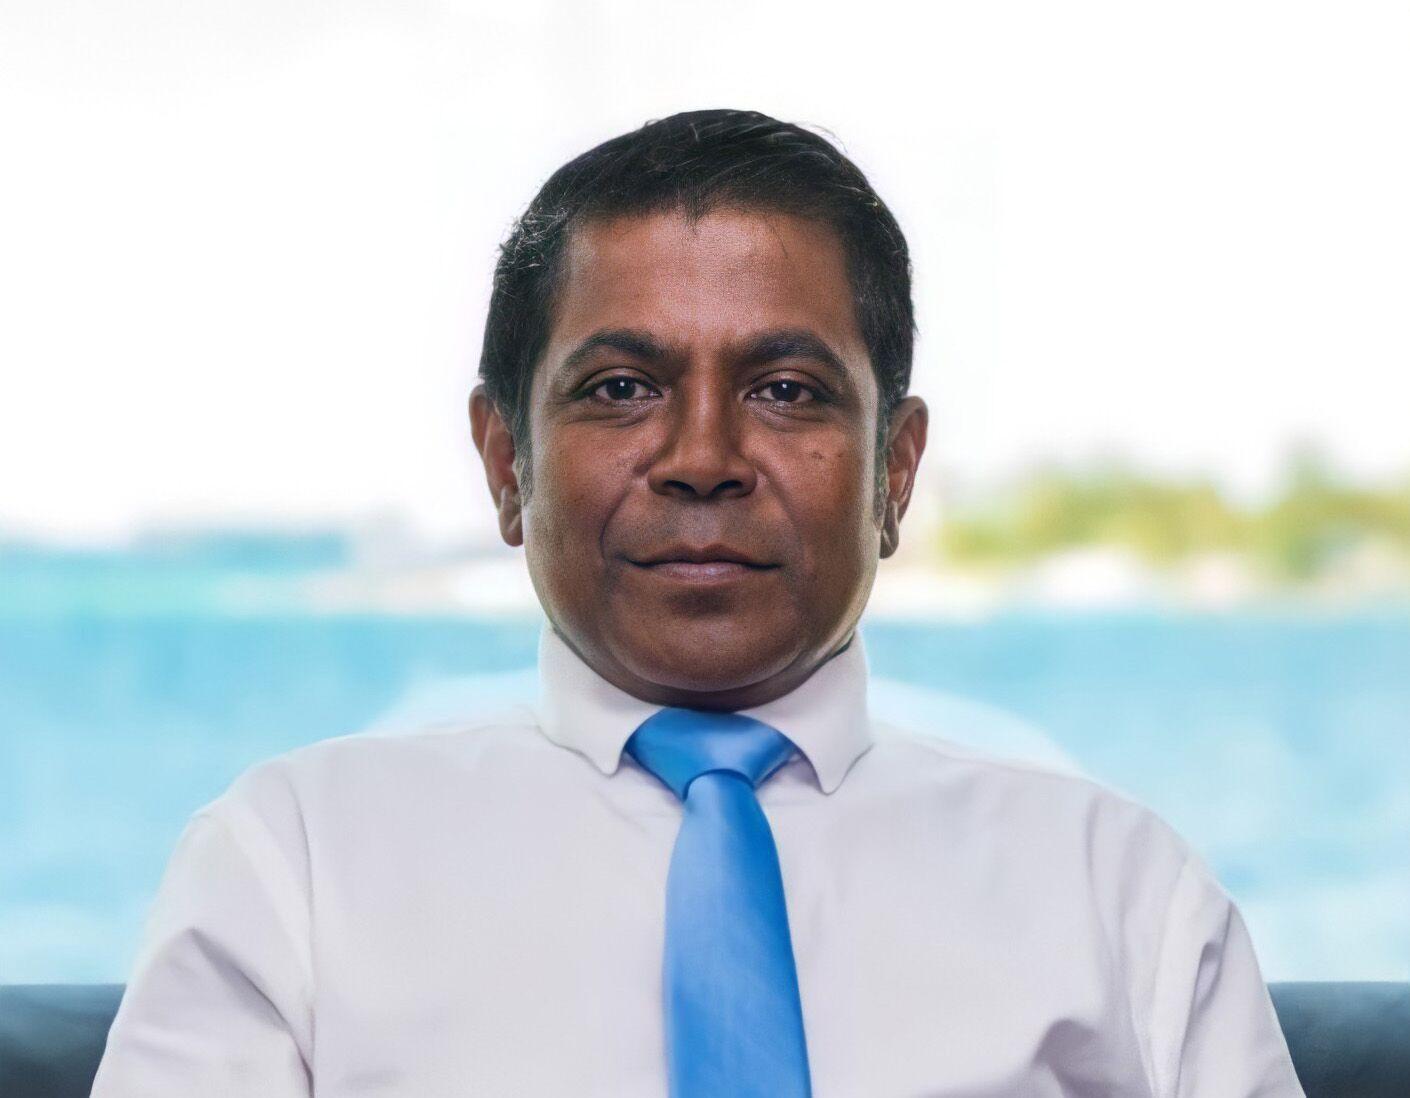 COTTM采访┃马尔代夫旅游局局长:纵使国际旅行之门依旧关闭,也要让马尔代夫成为中国旅行者心中的首选之地